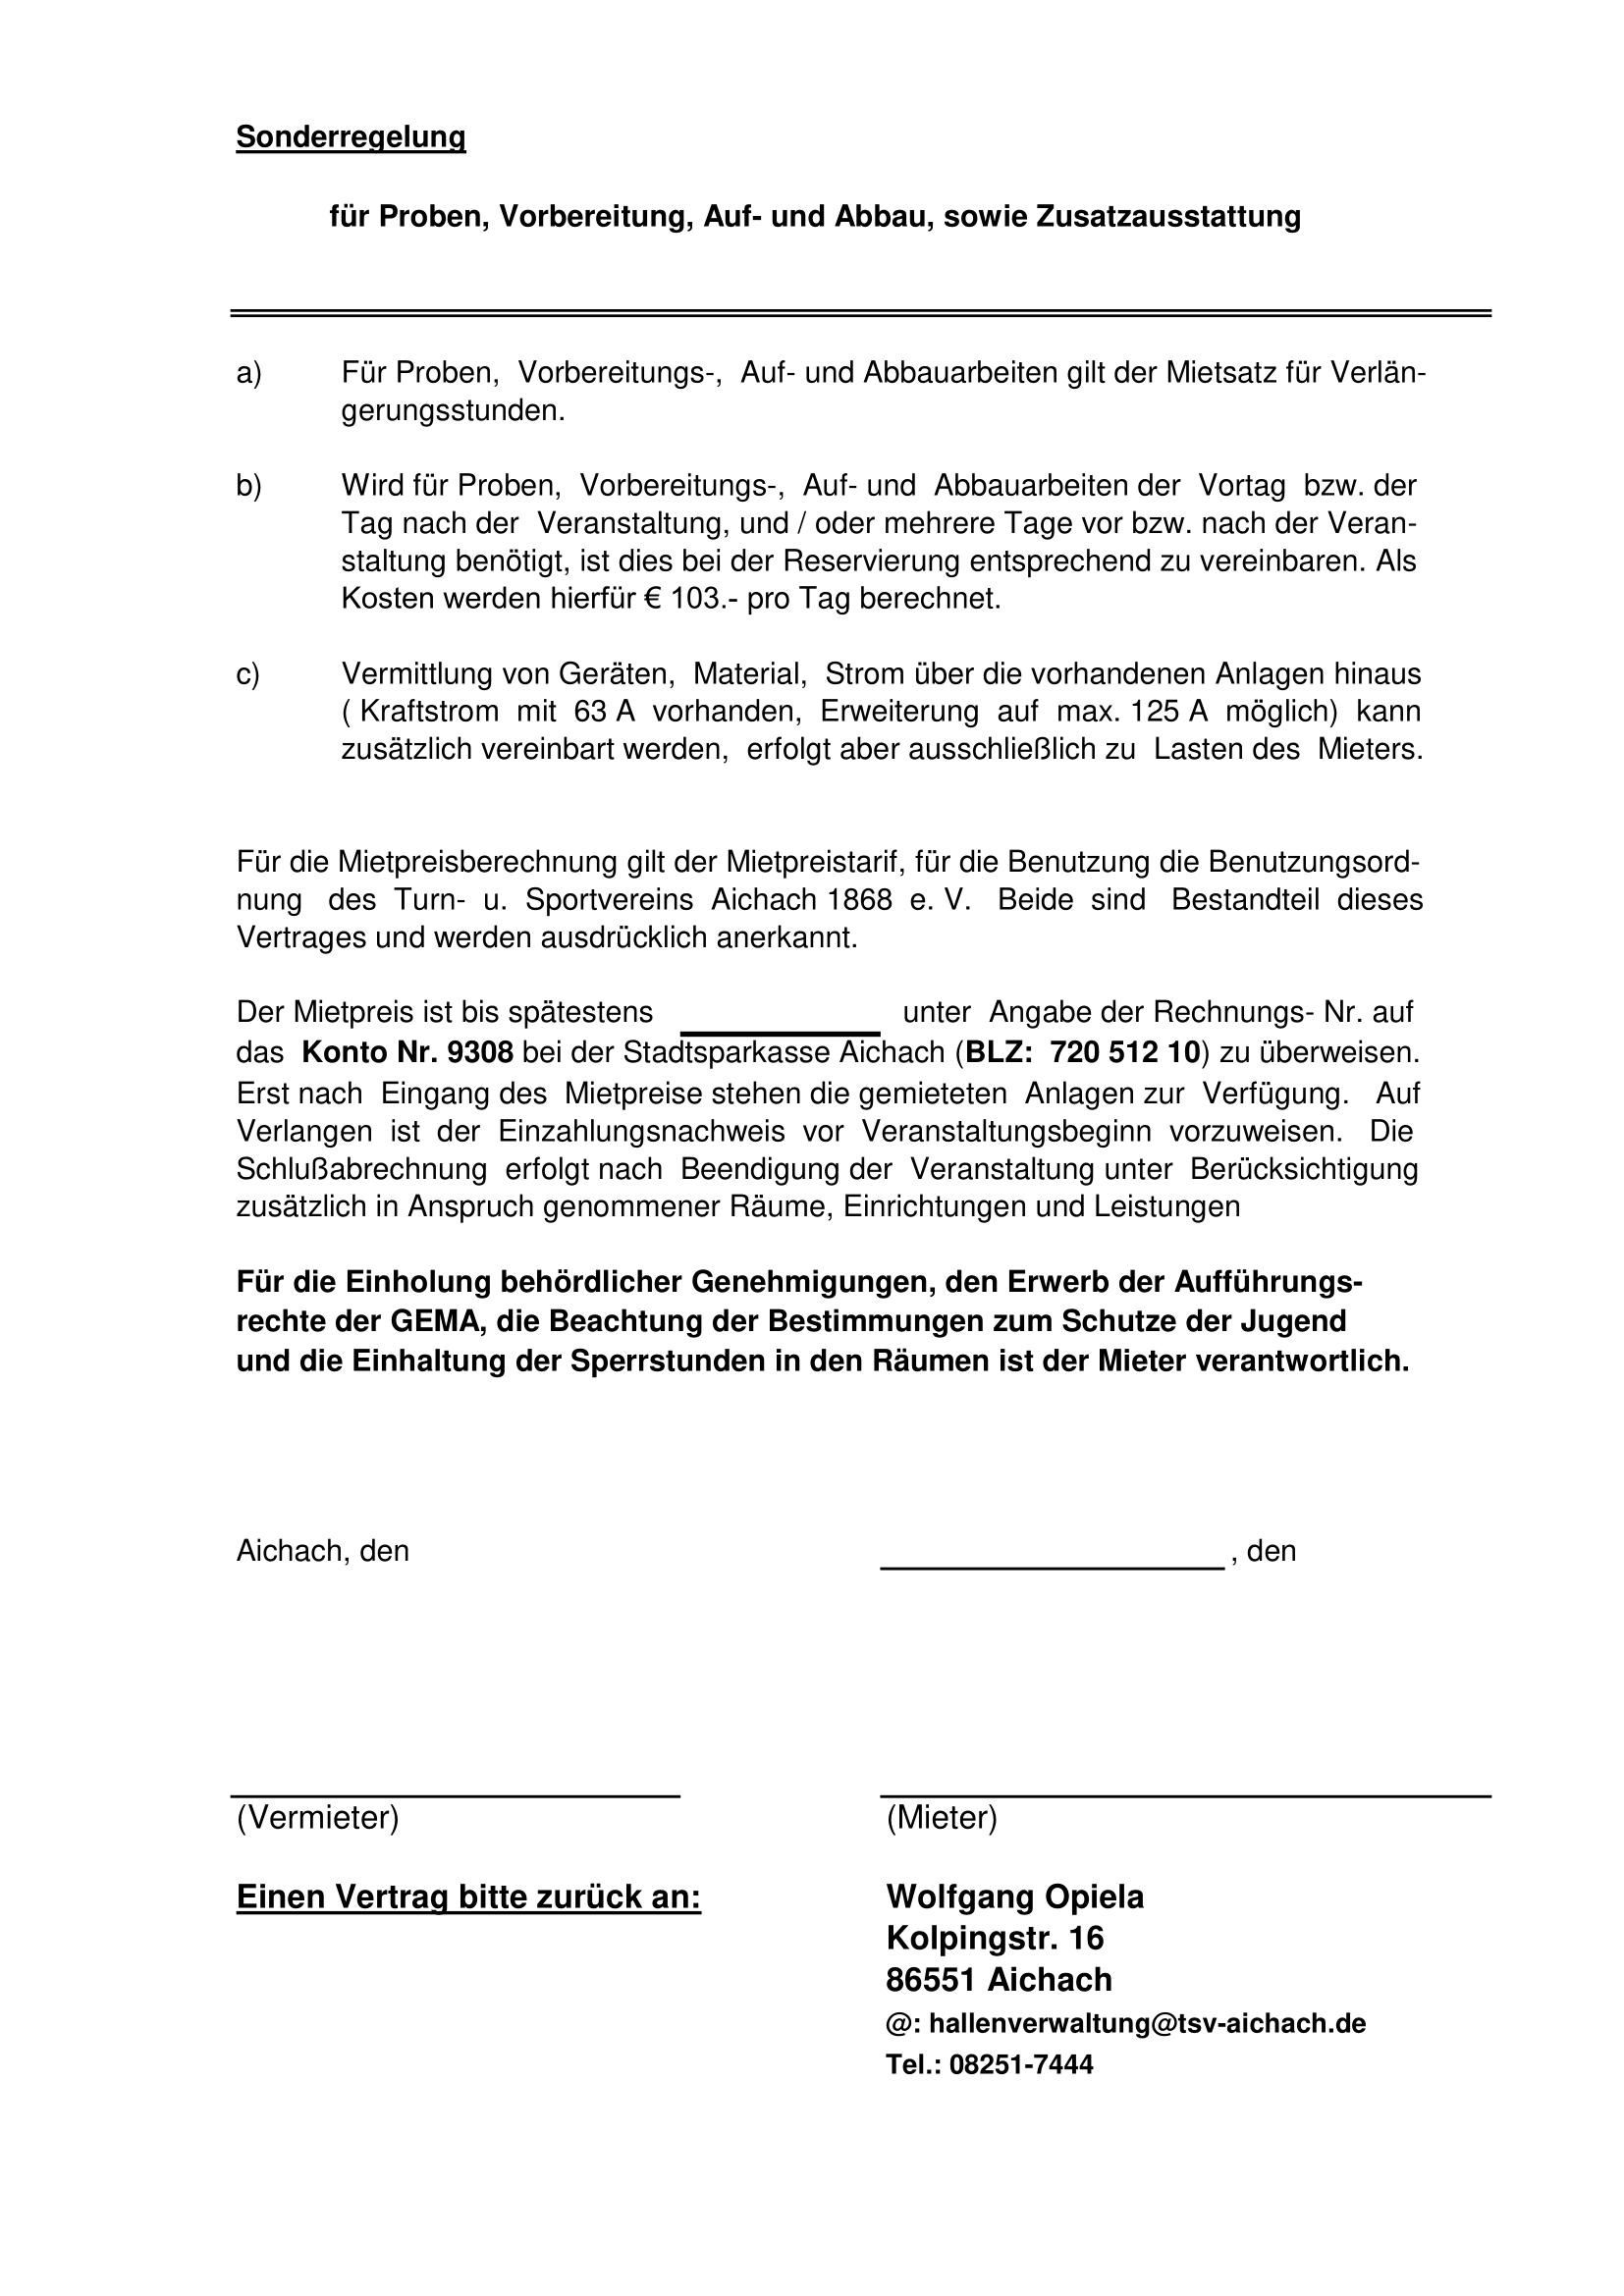 Sonderregelungen-1